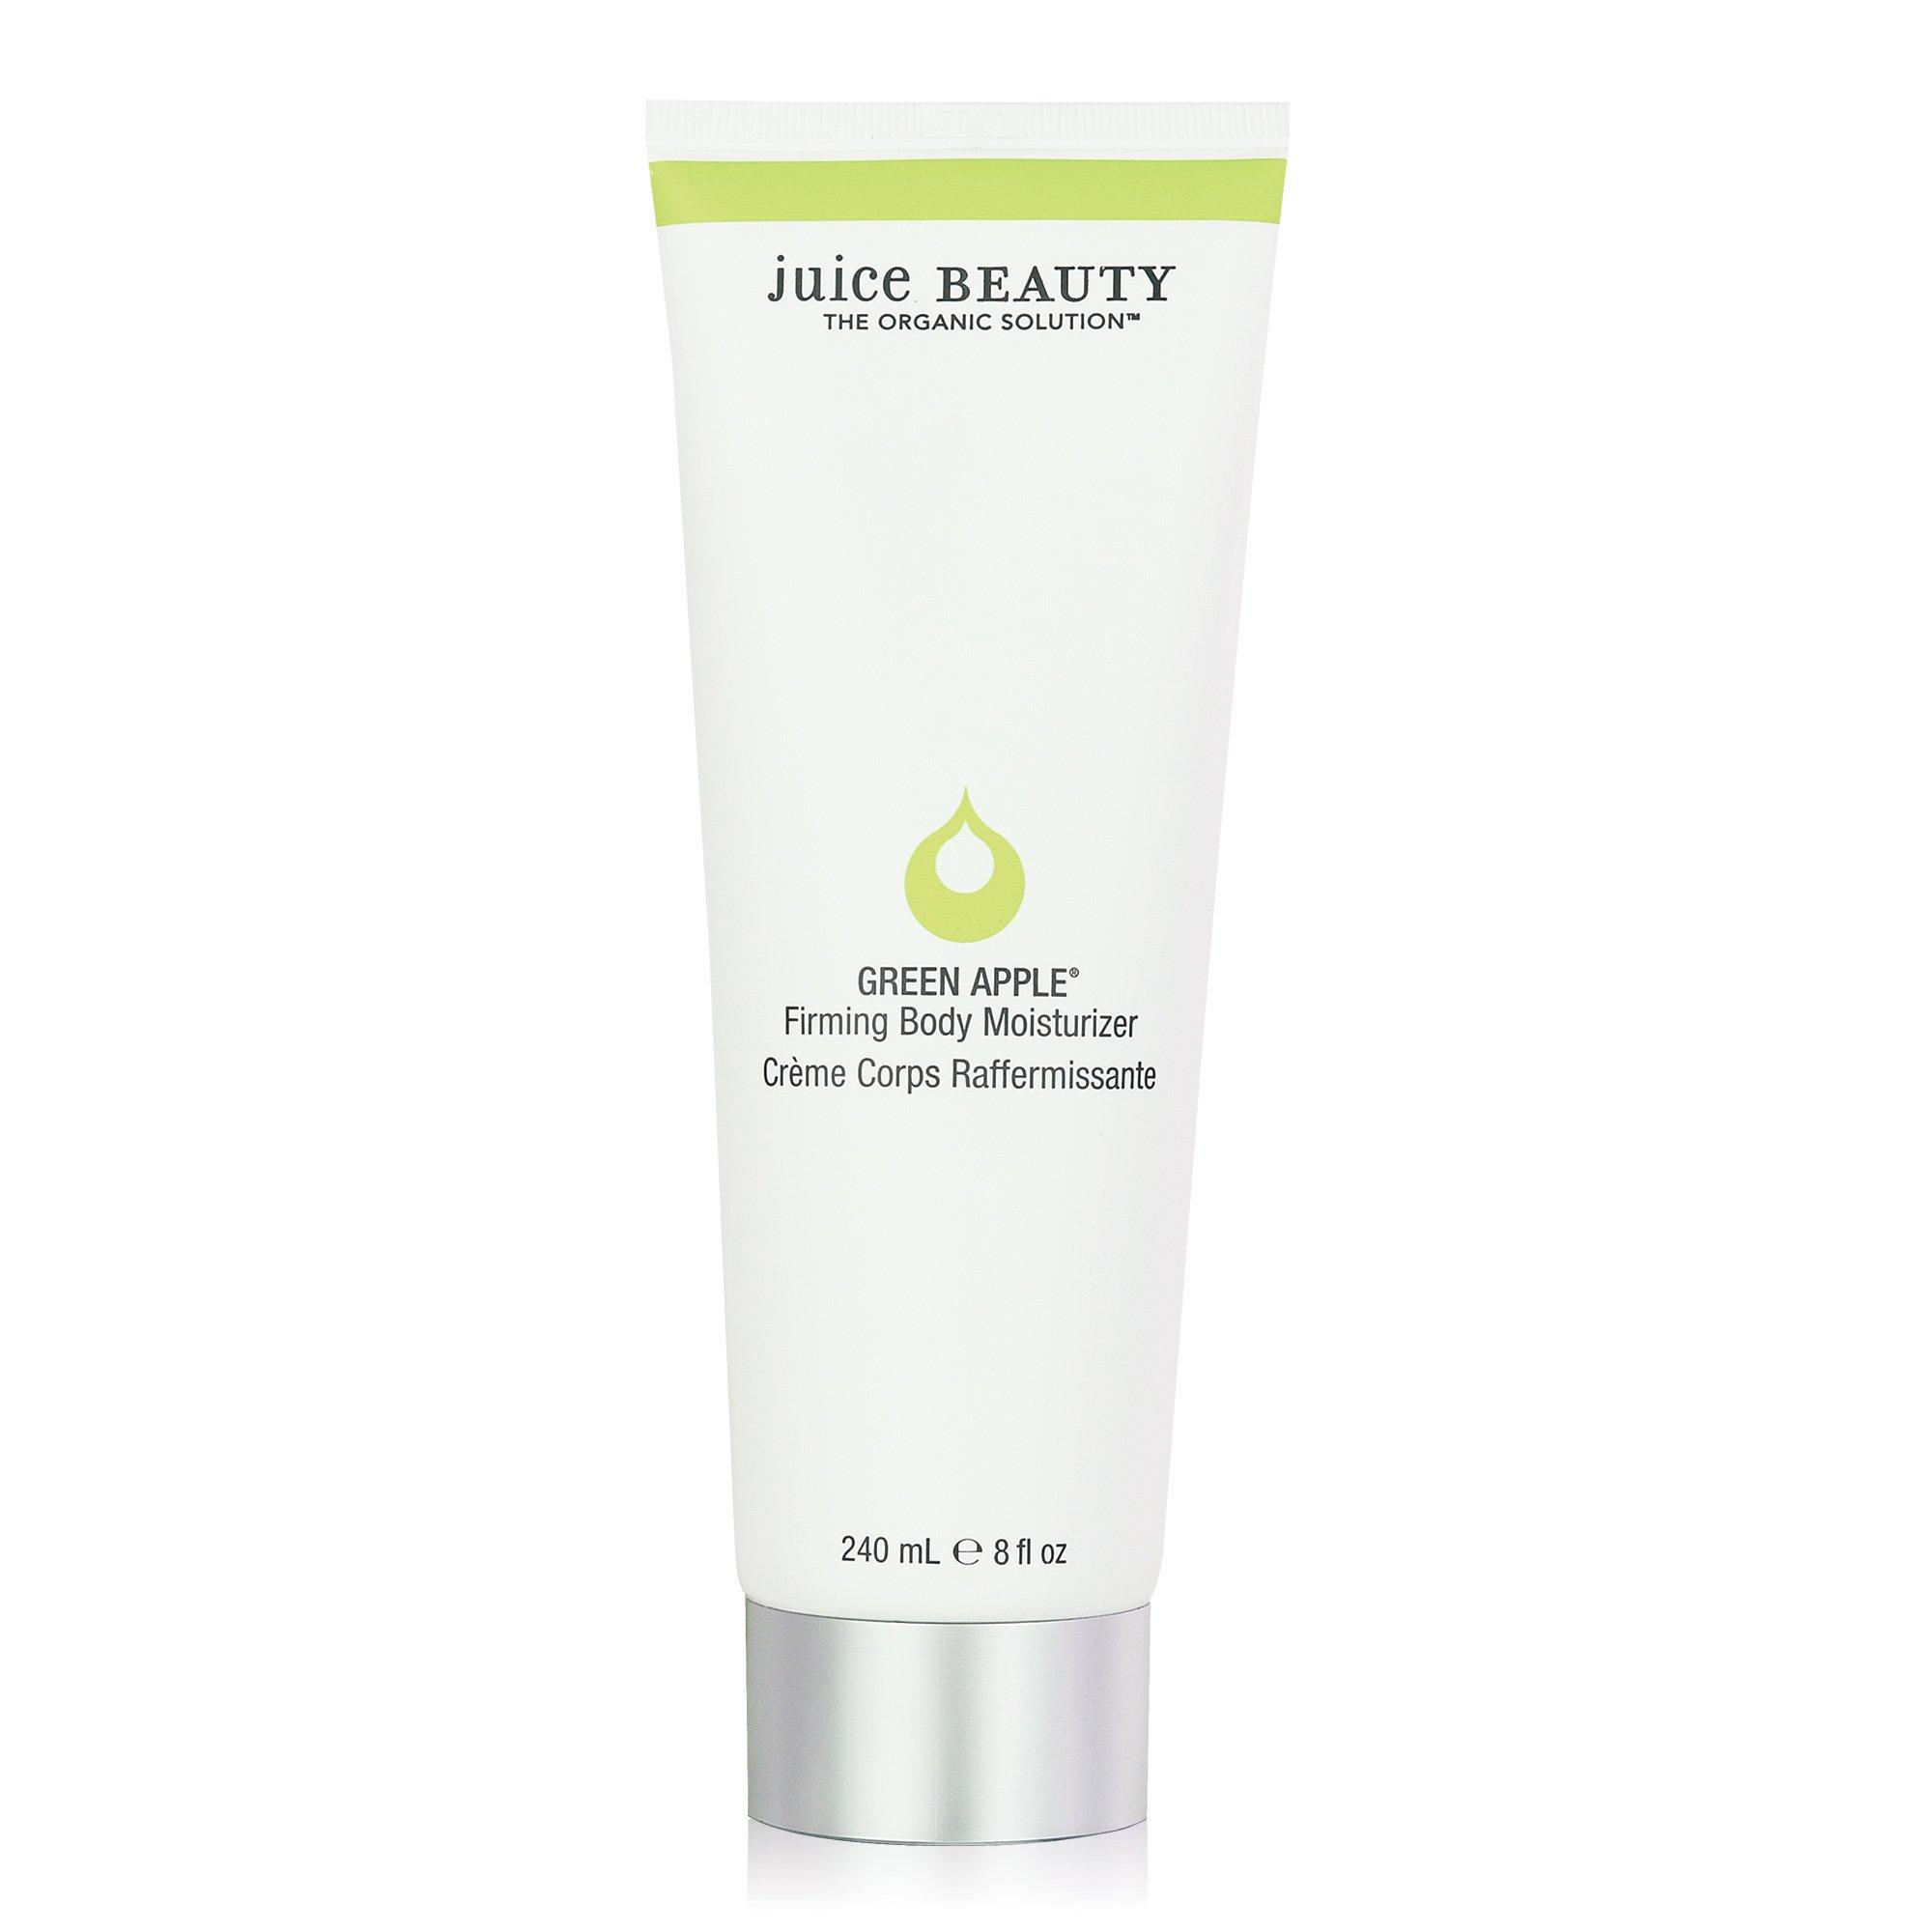 Juice Beauty Green Apple Firming Body Moisturizer, 8 fl. oz. by Juice Beauty